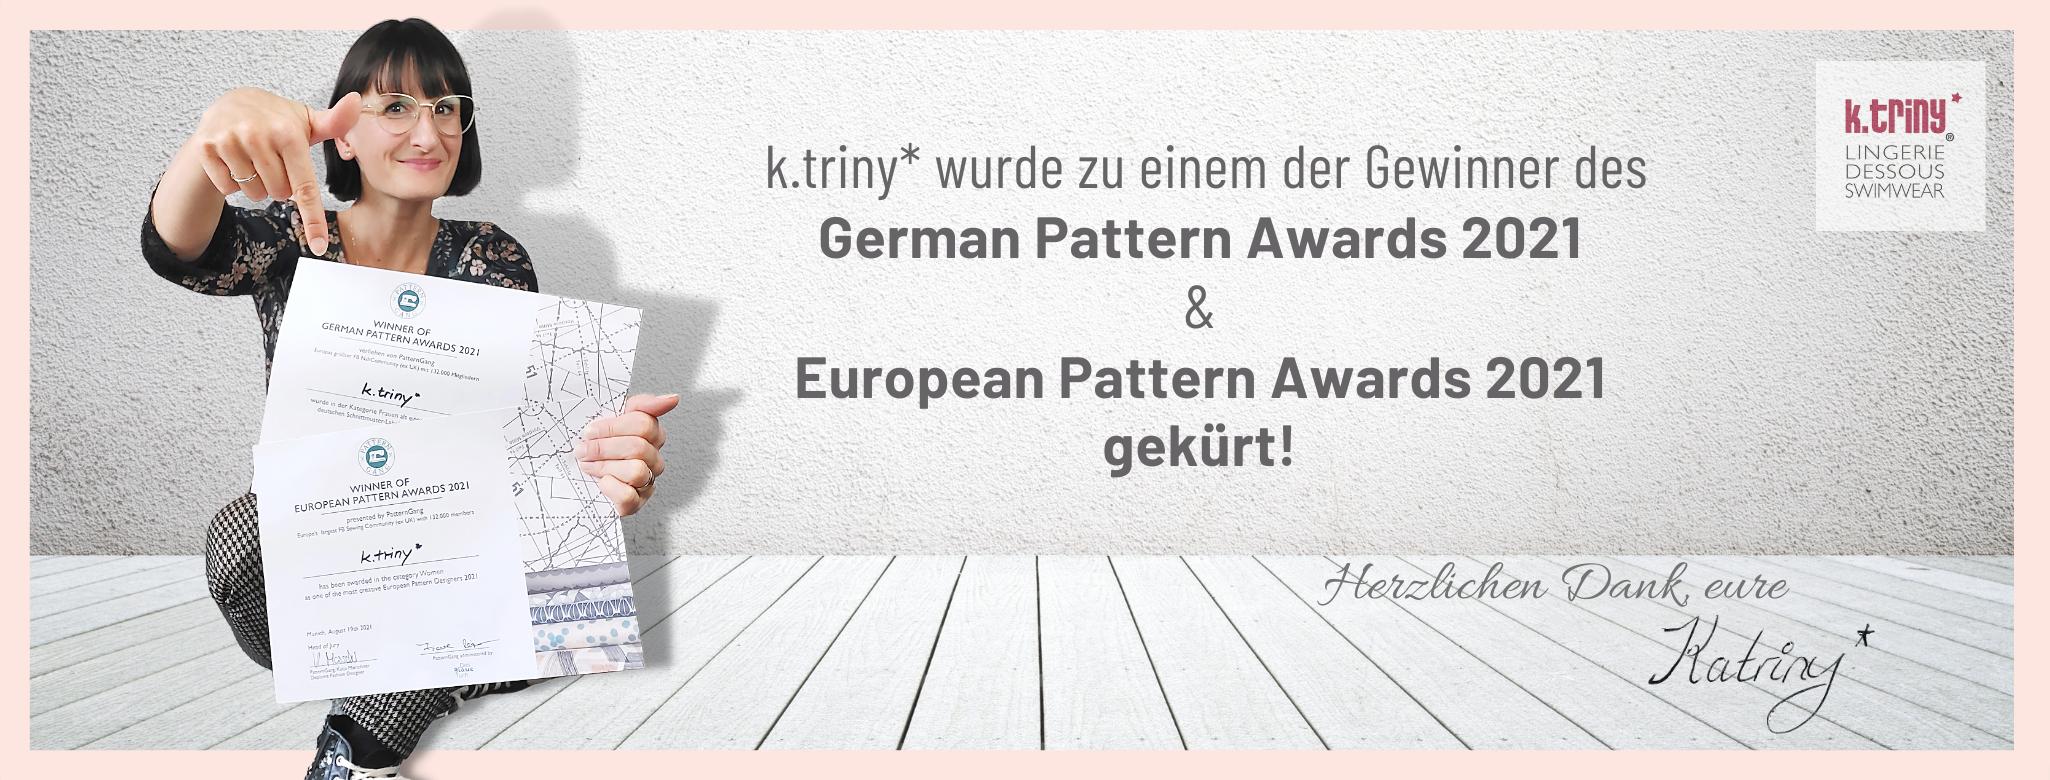 Pattern Awards, k.triny*